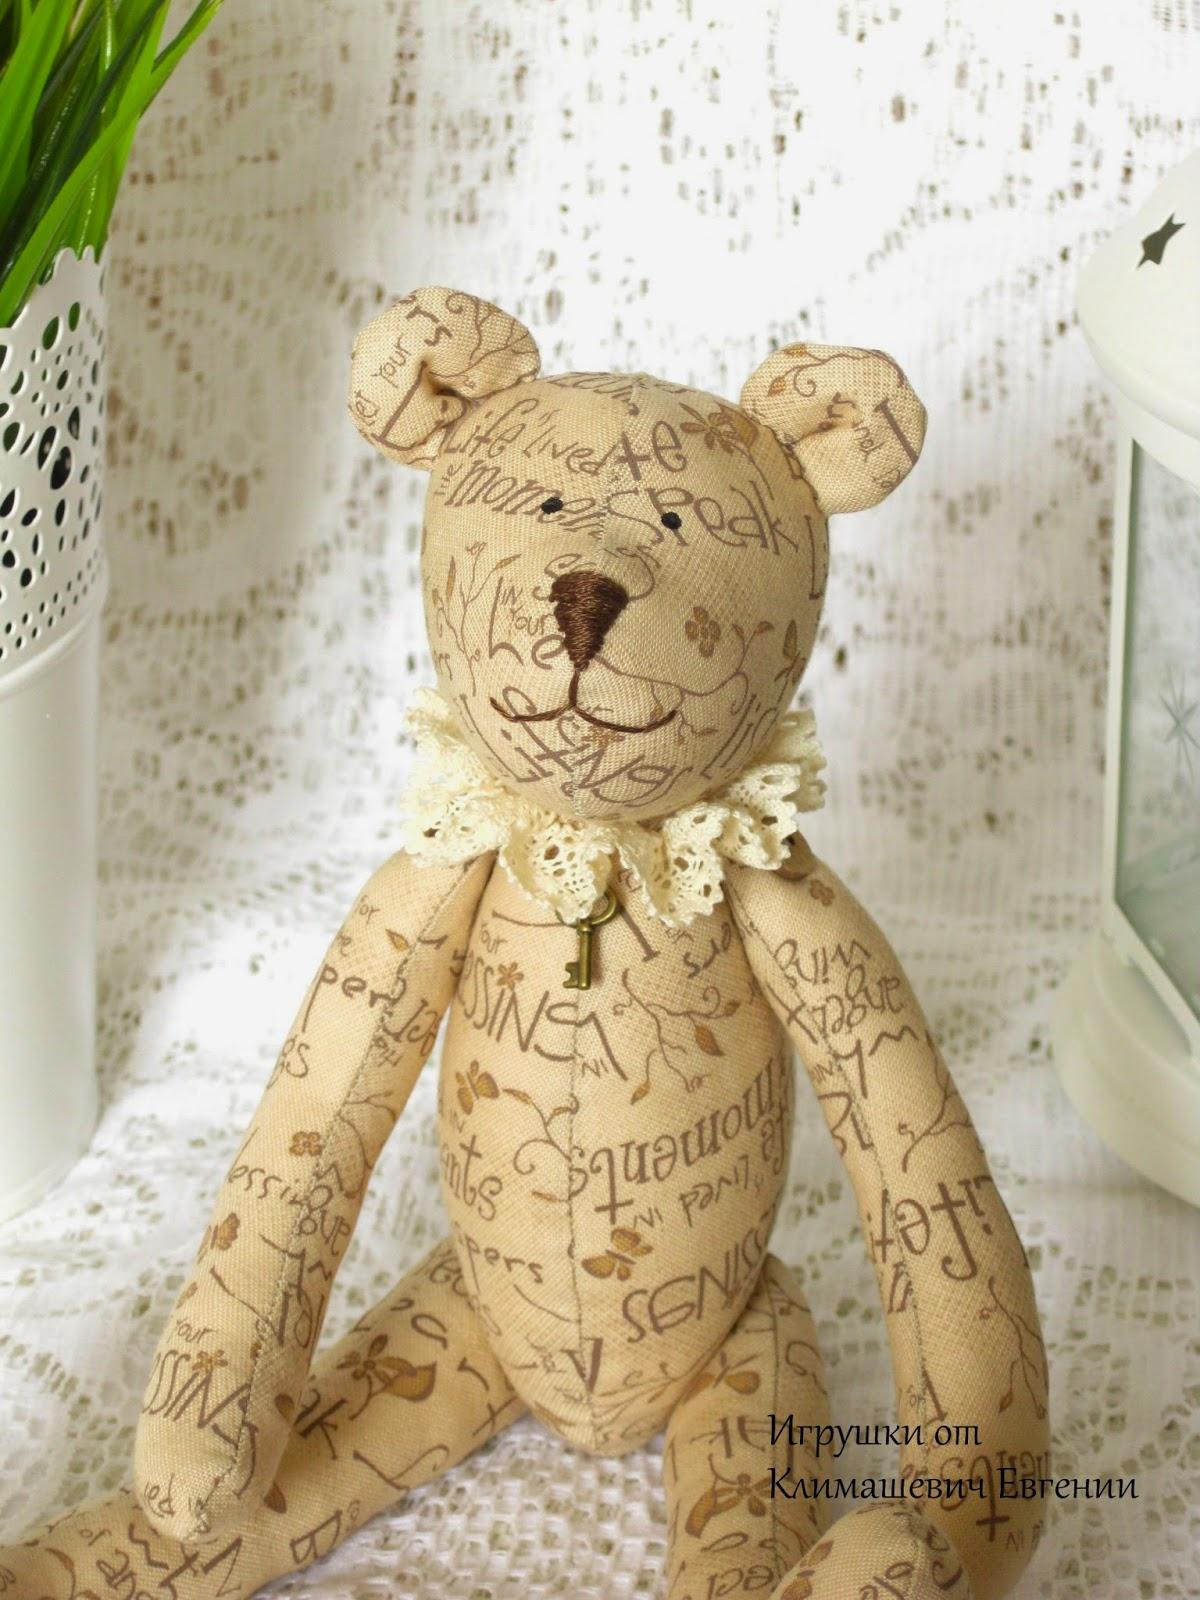 Мишка, мишка тильда, текстильный мишка, медвежонок, мишка игрушка, купить мишку, купить игрушку, игрушка